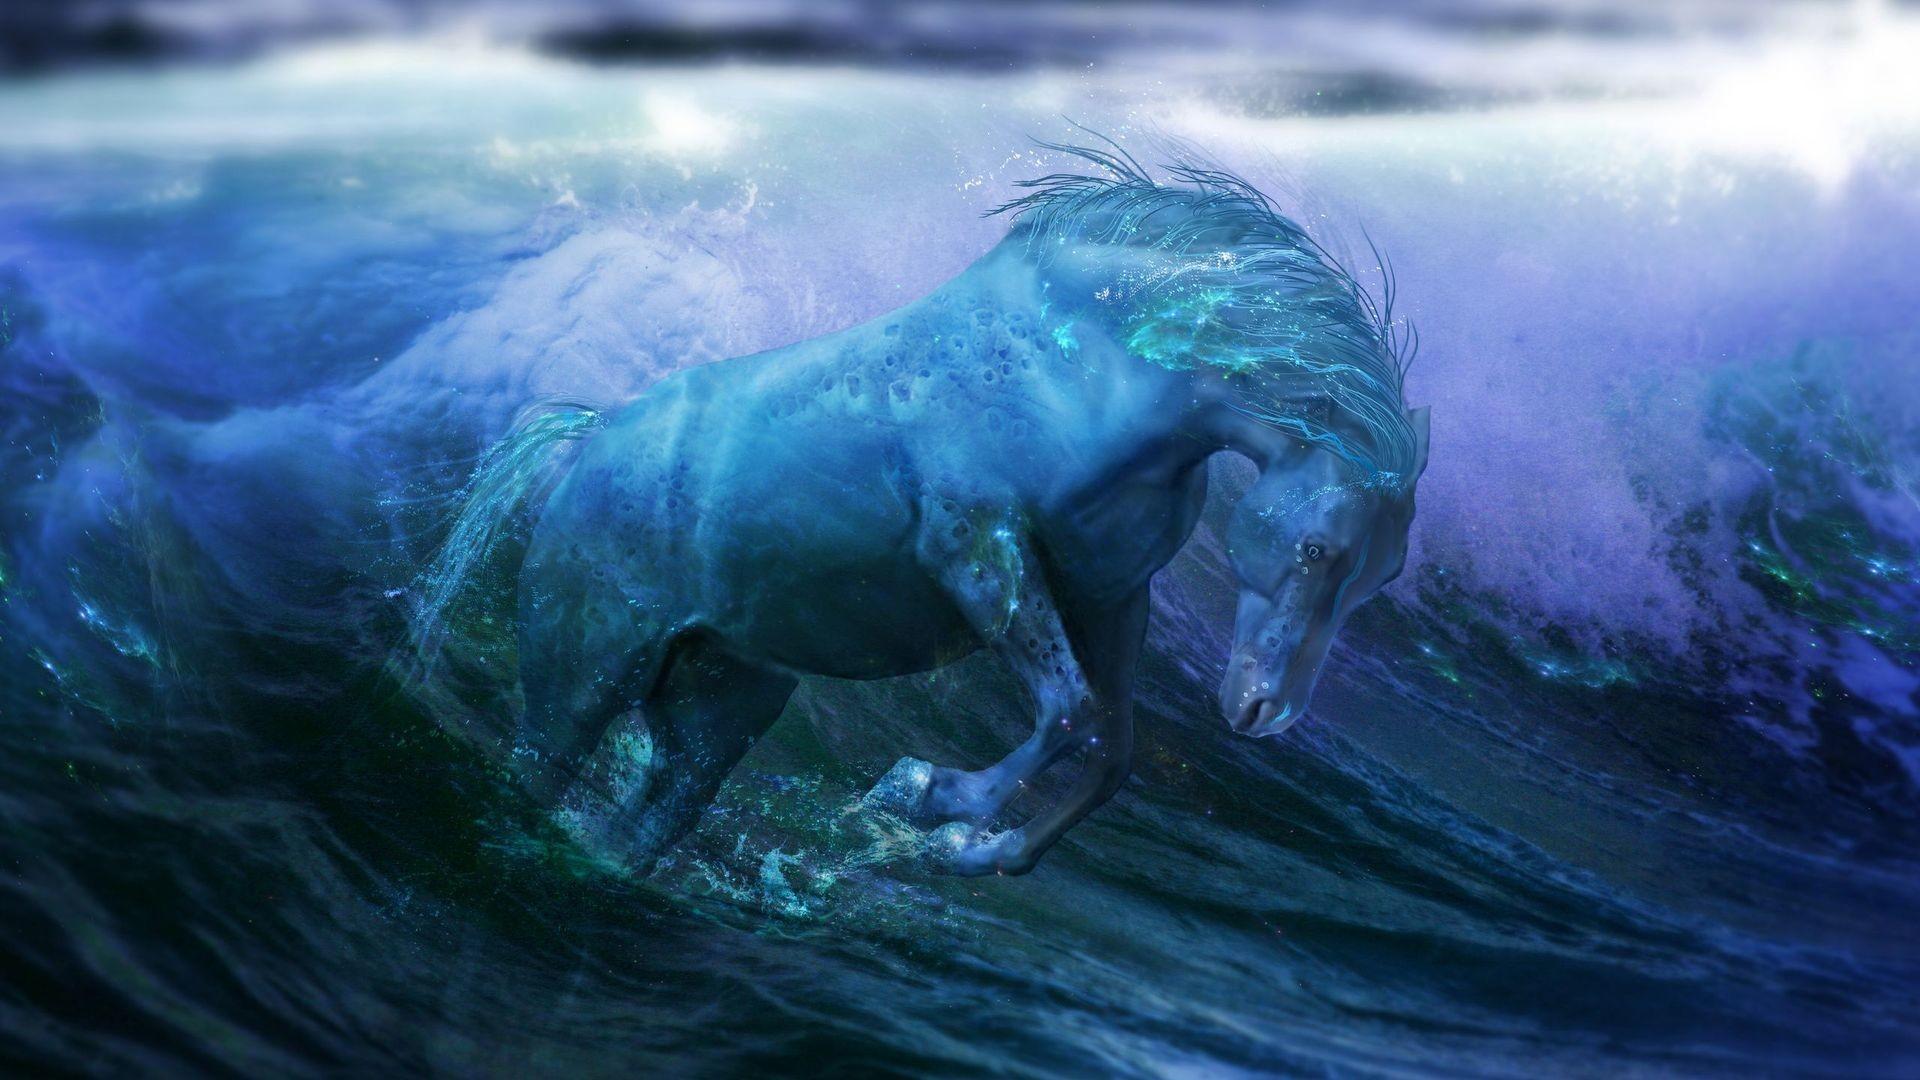 Sea Horse Wallpaper (48+ images)